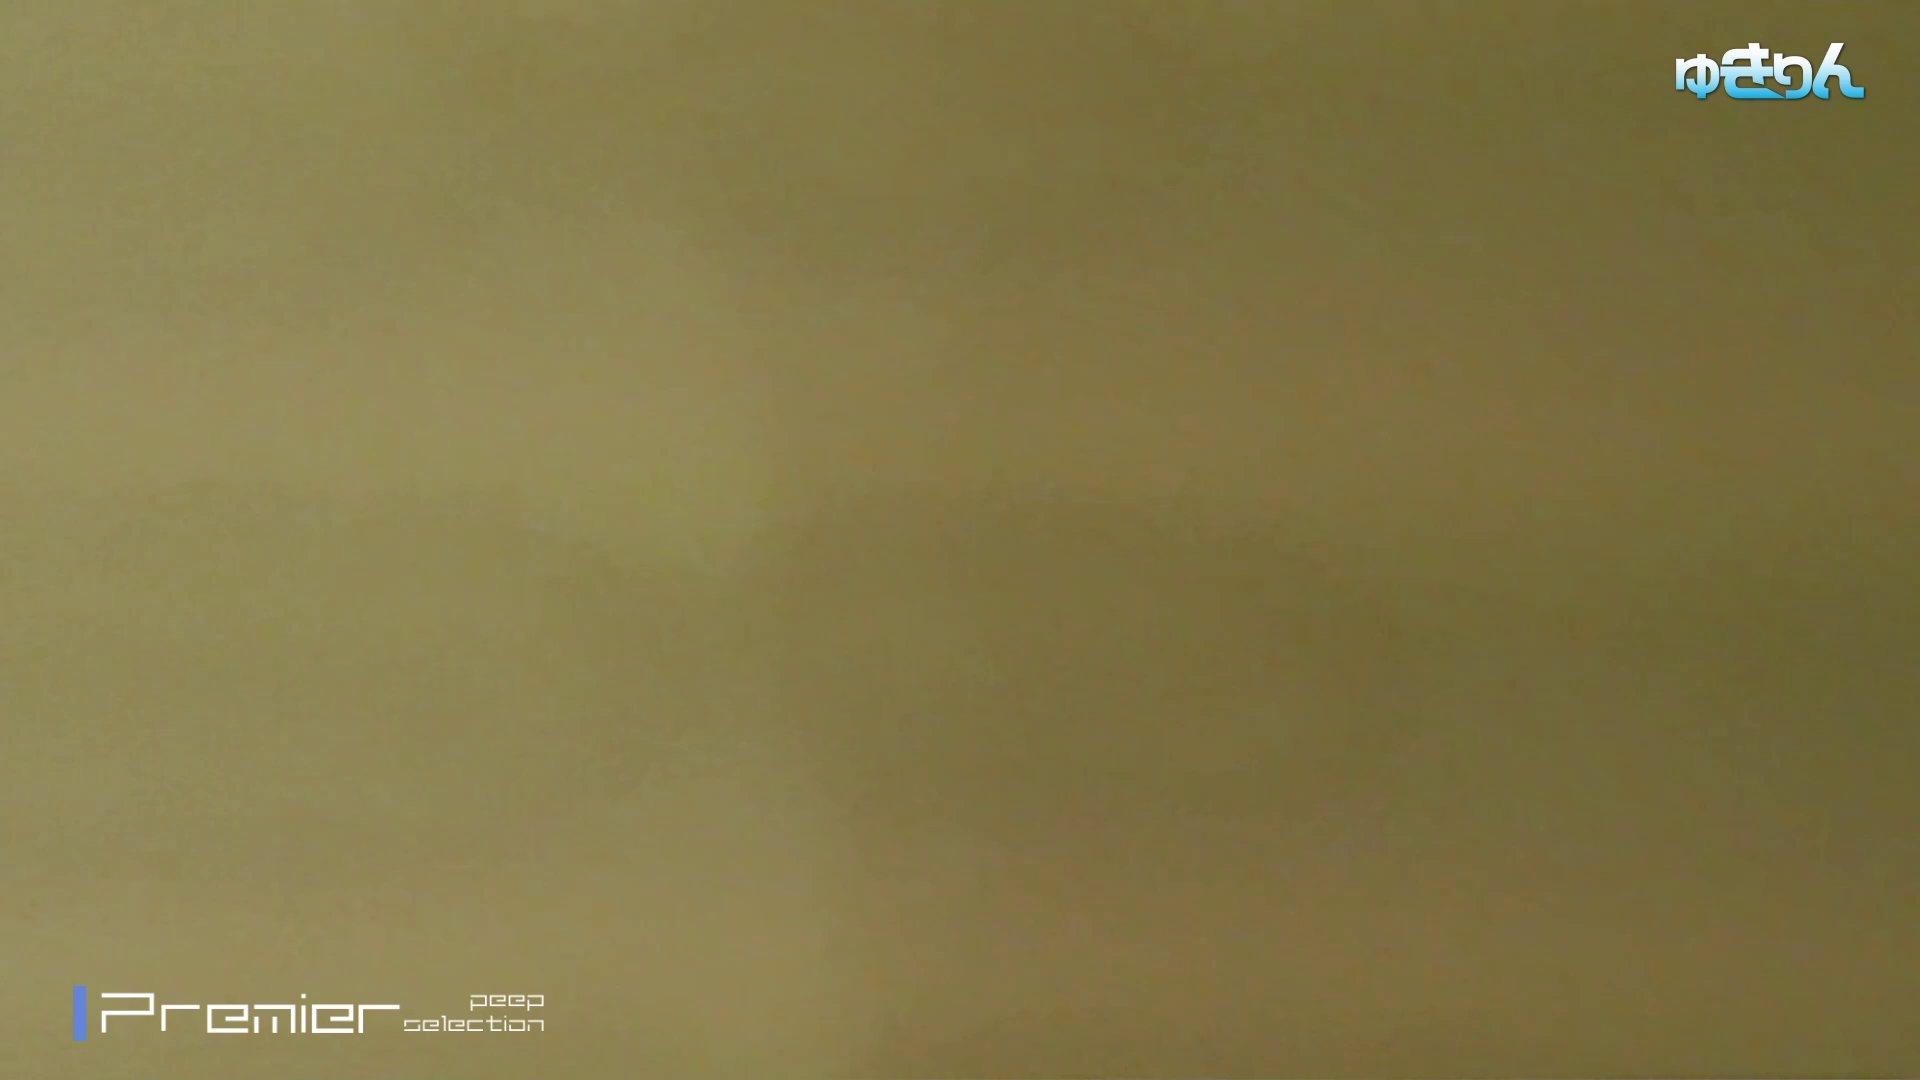 新世界の射窓 No98 キターッ特別に可愛い子の為、外まで粘着追い撮り!! 盛合せ ワレメ動画紹介 110枚 4